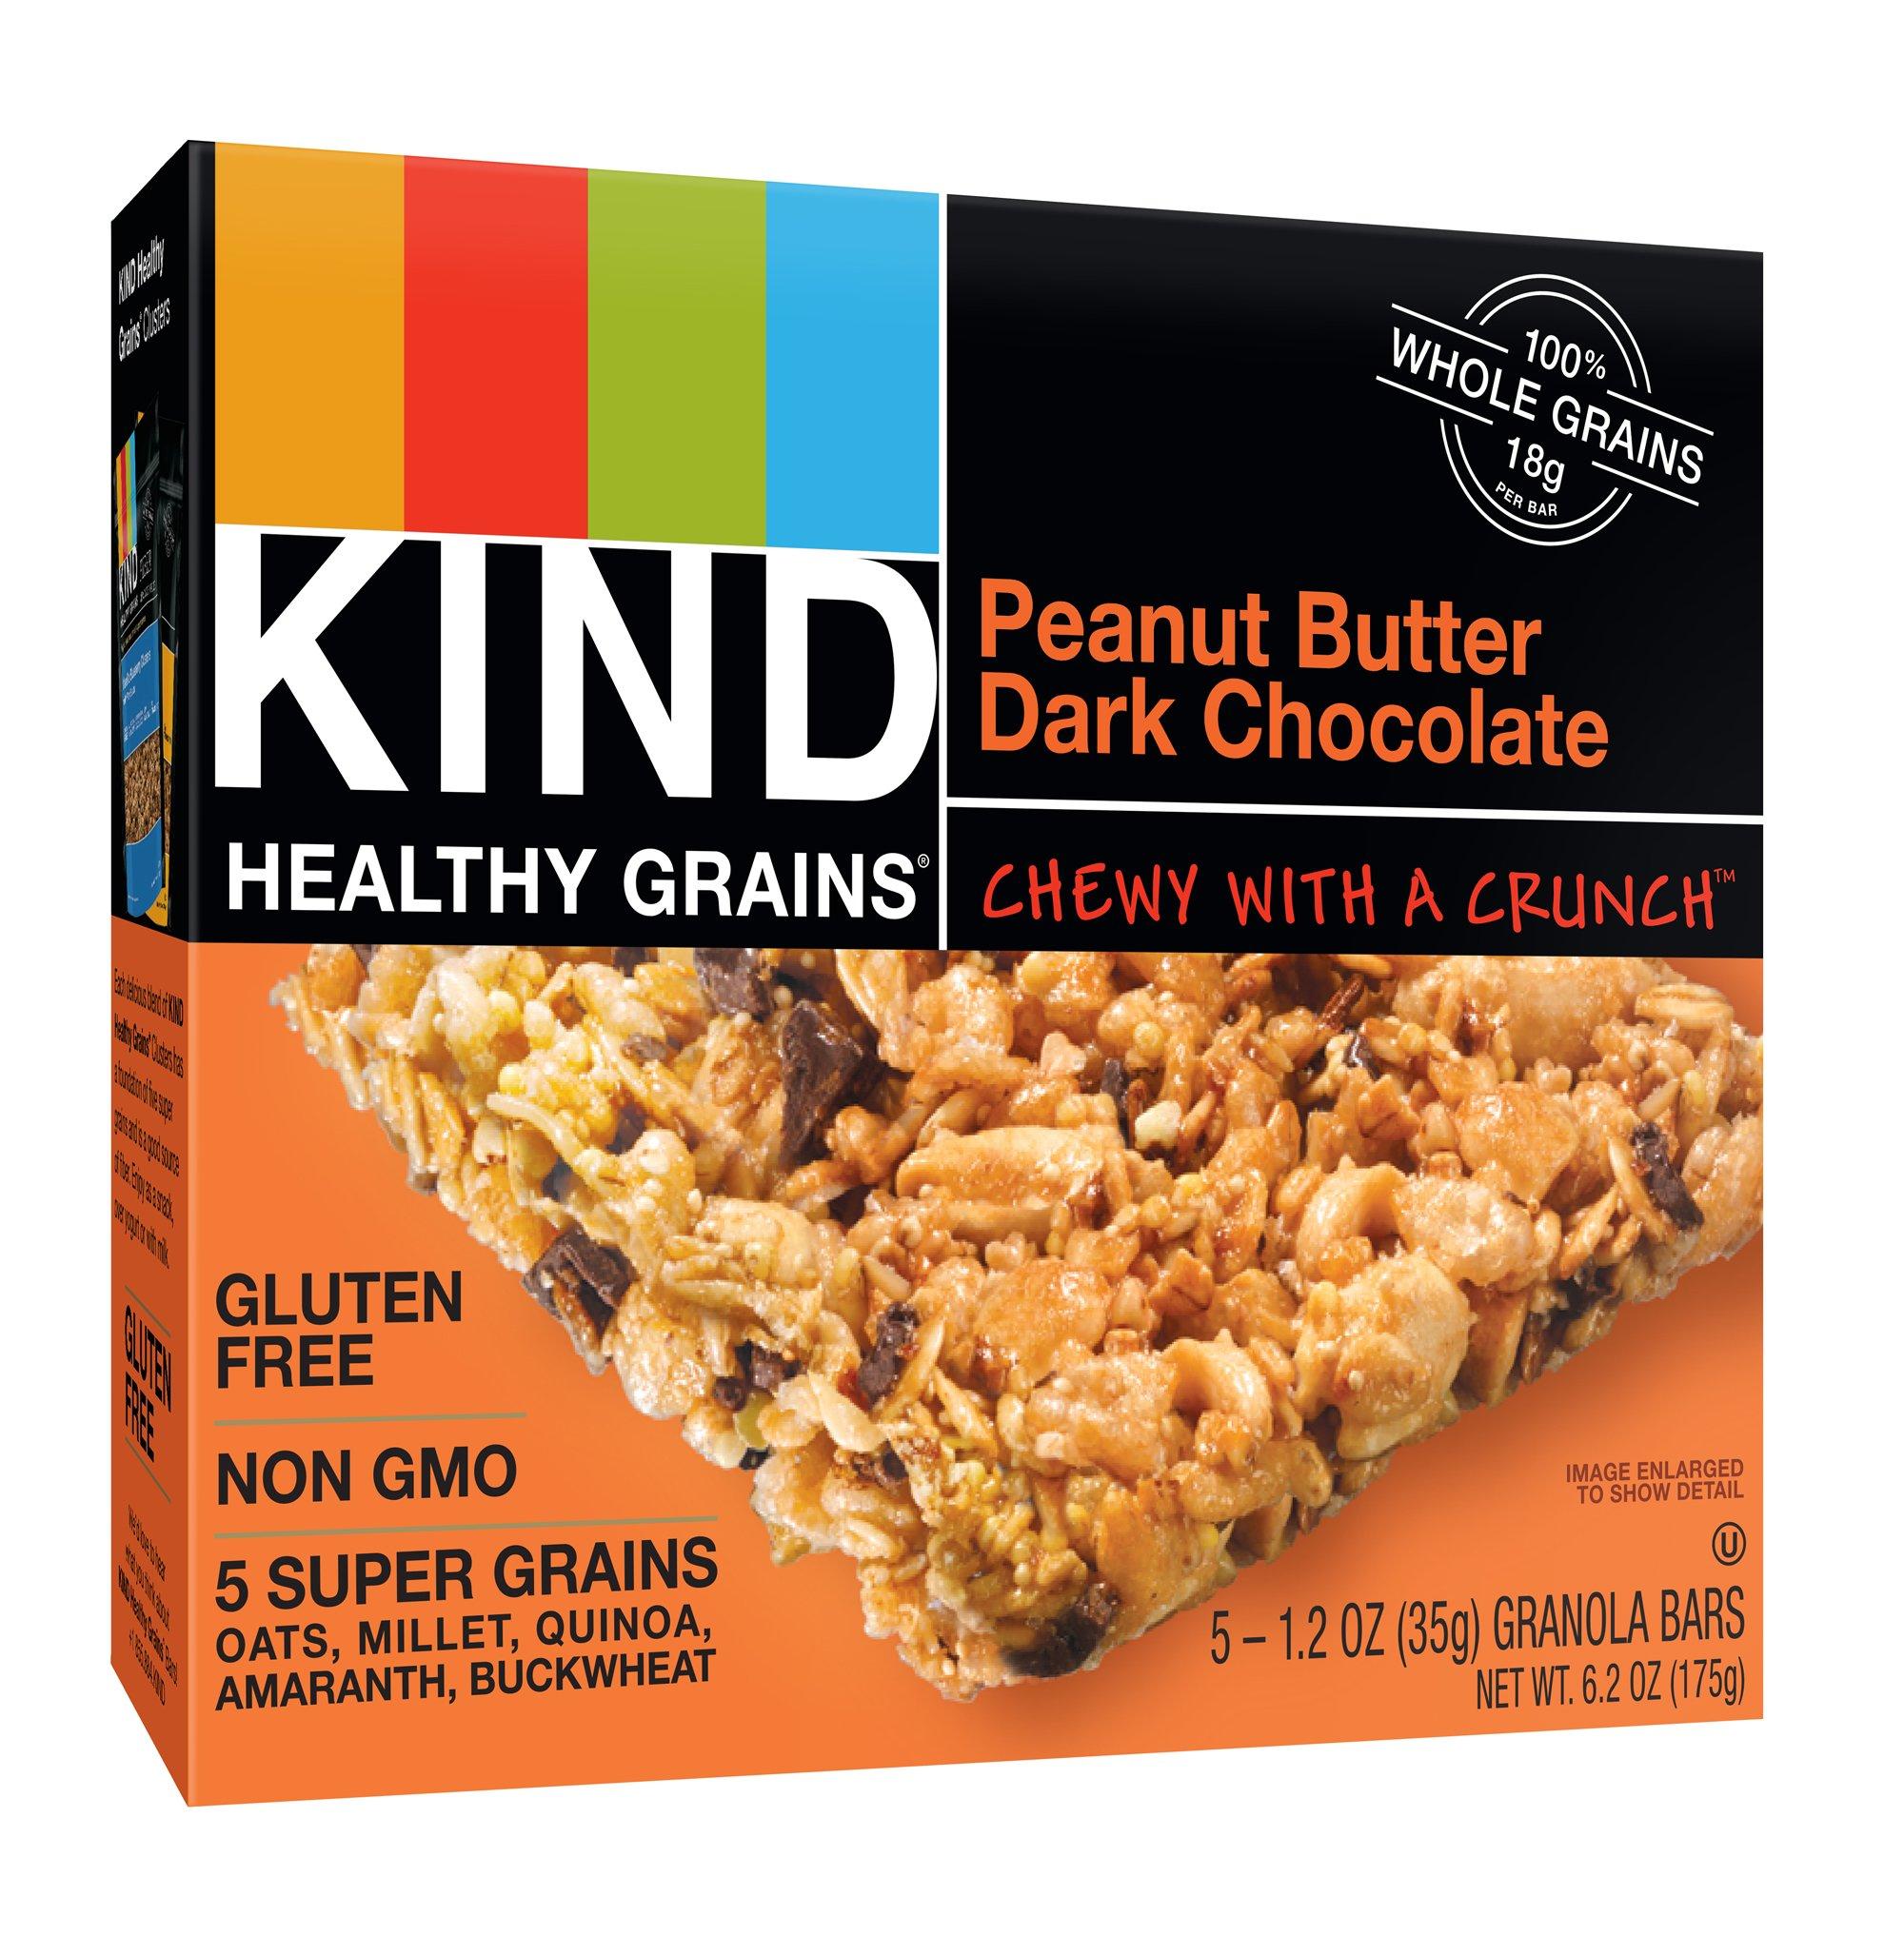 KIND Healthy Grains Bars, Peanut Butter Dark Chocolate, Non GMO, Gluten Free, 1.2oz, 15 Bars